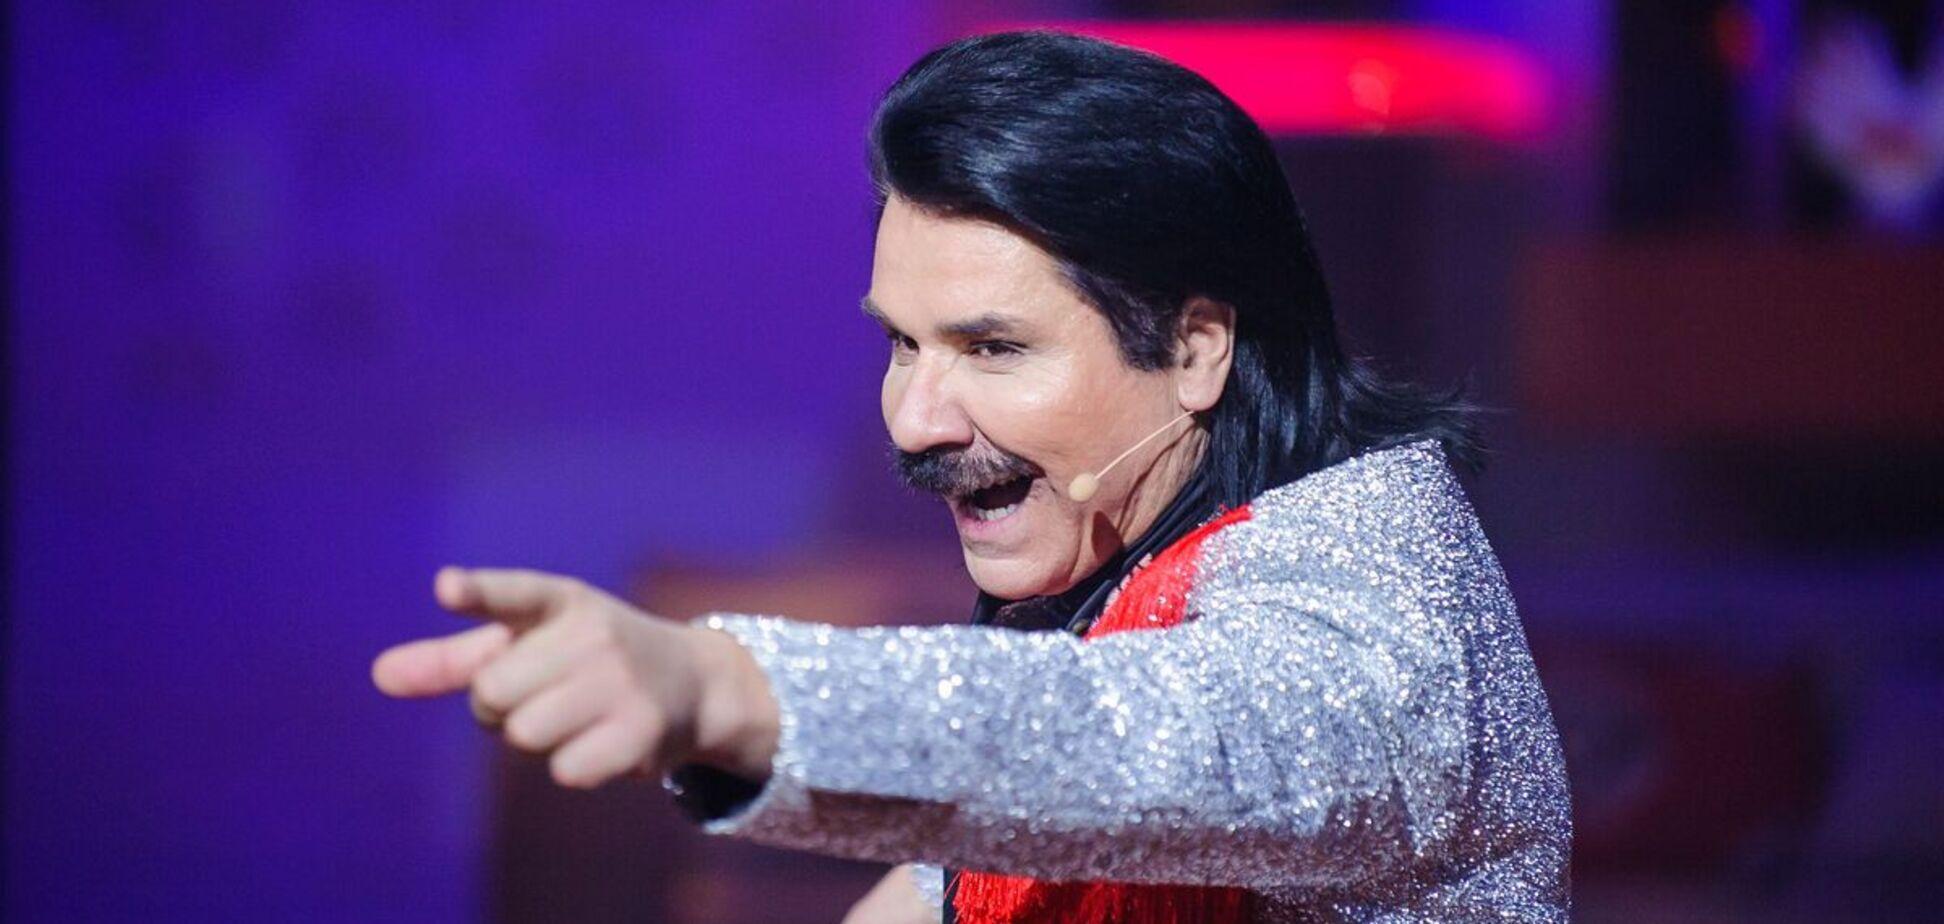 Павло Зібров здивував фото без вусів: шанувальники не впізнали співака